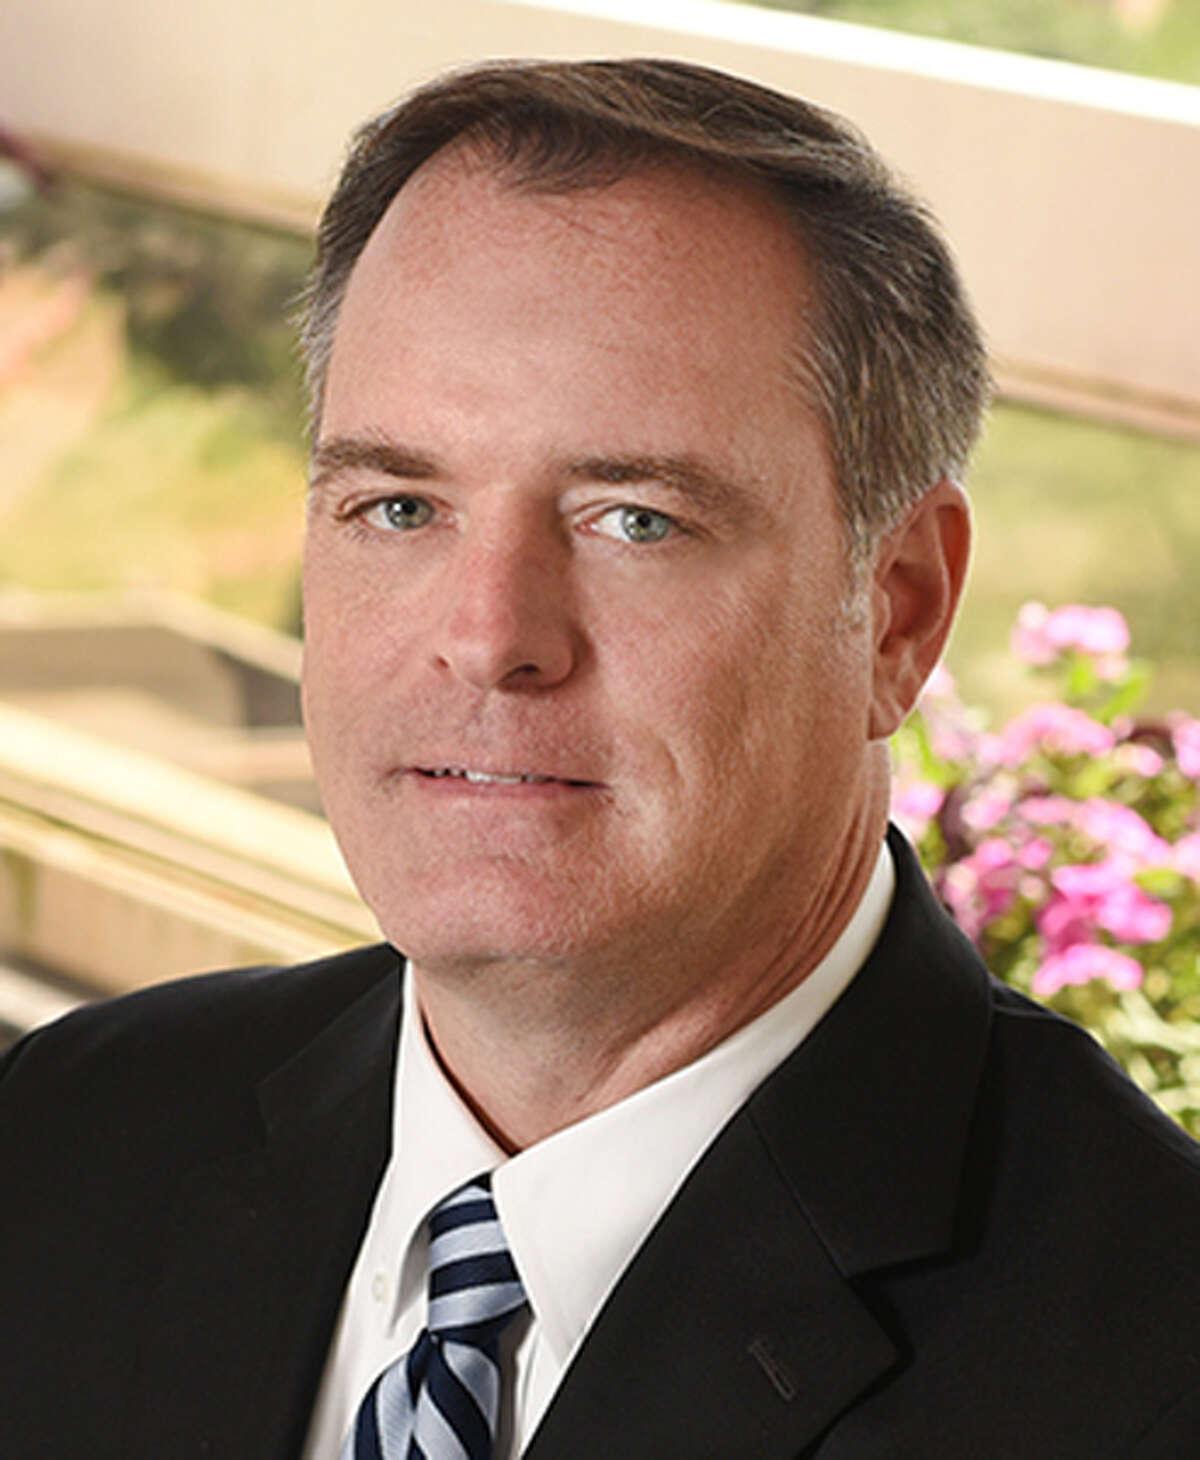 Robert A. Bilott. (Provided)